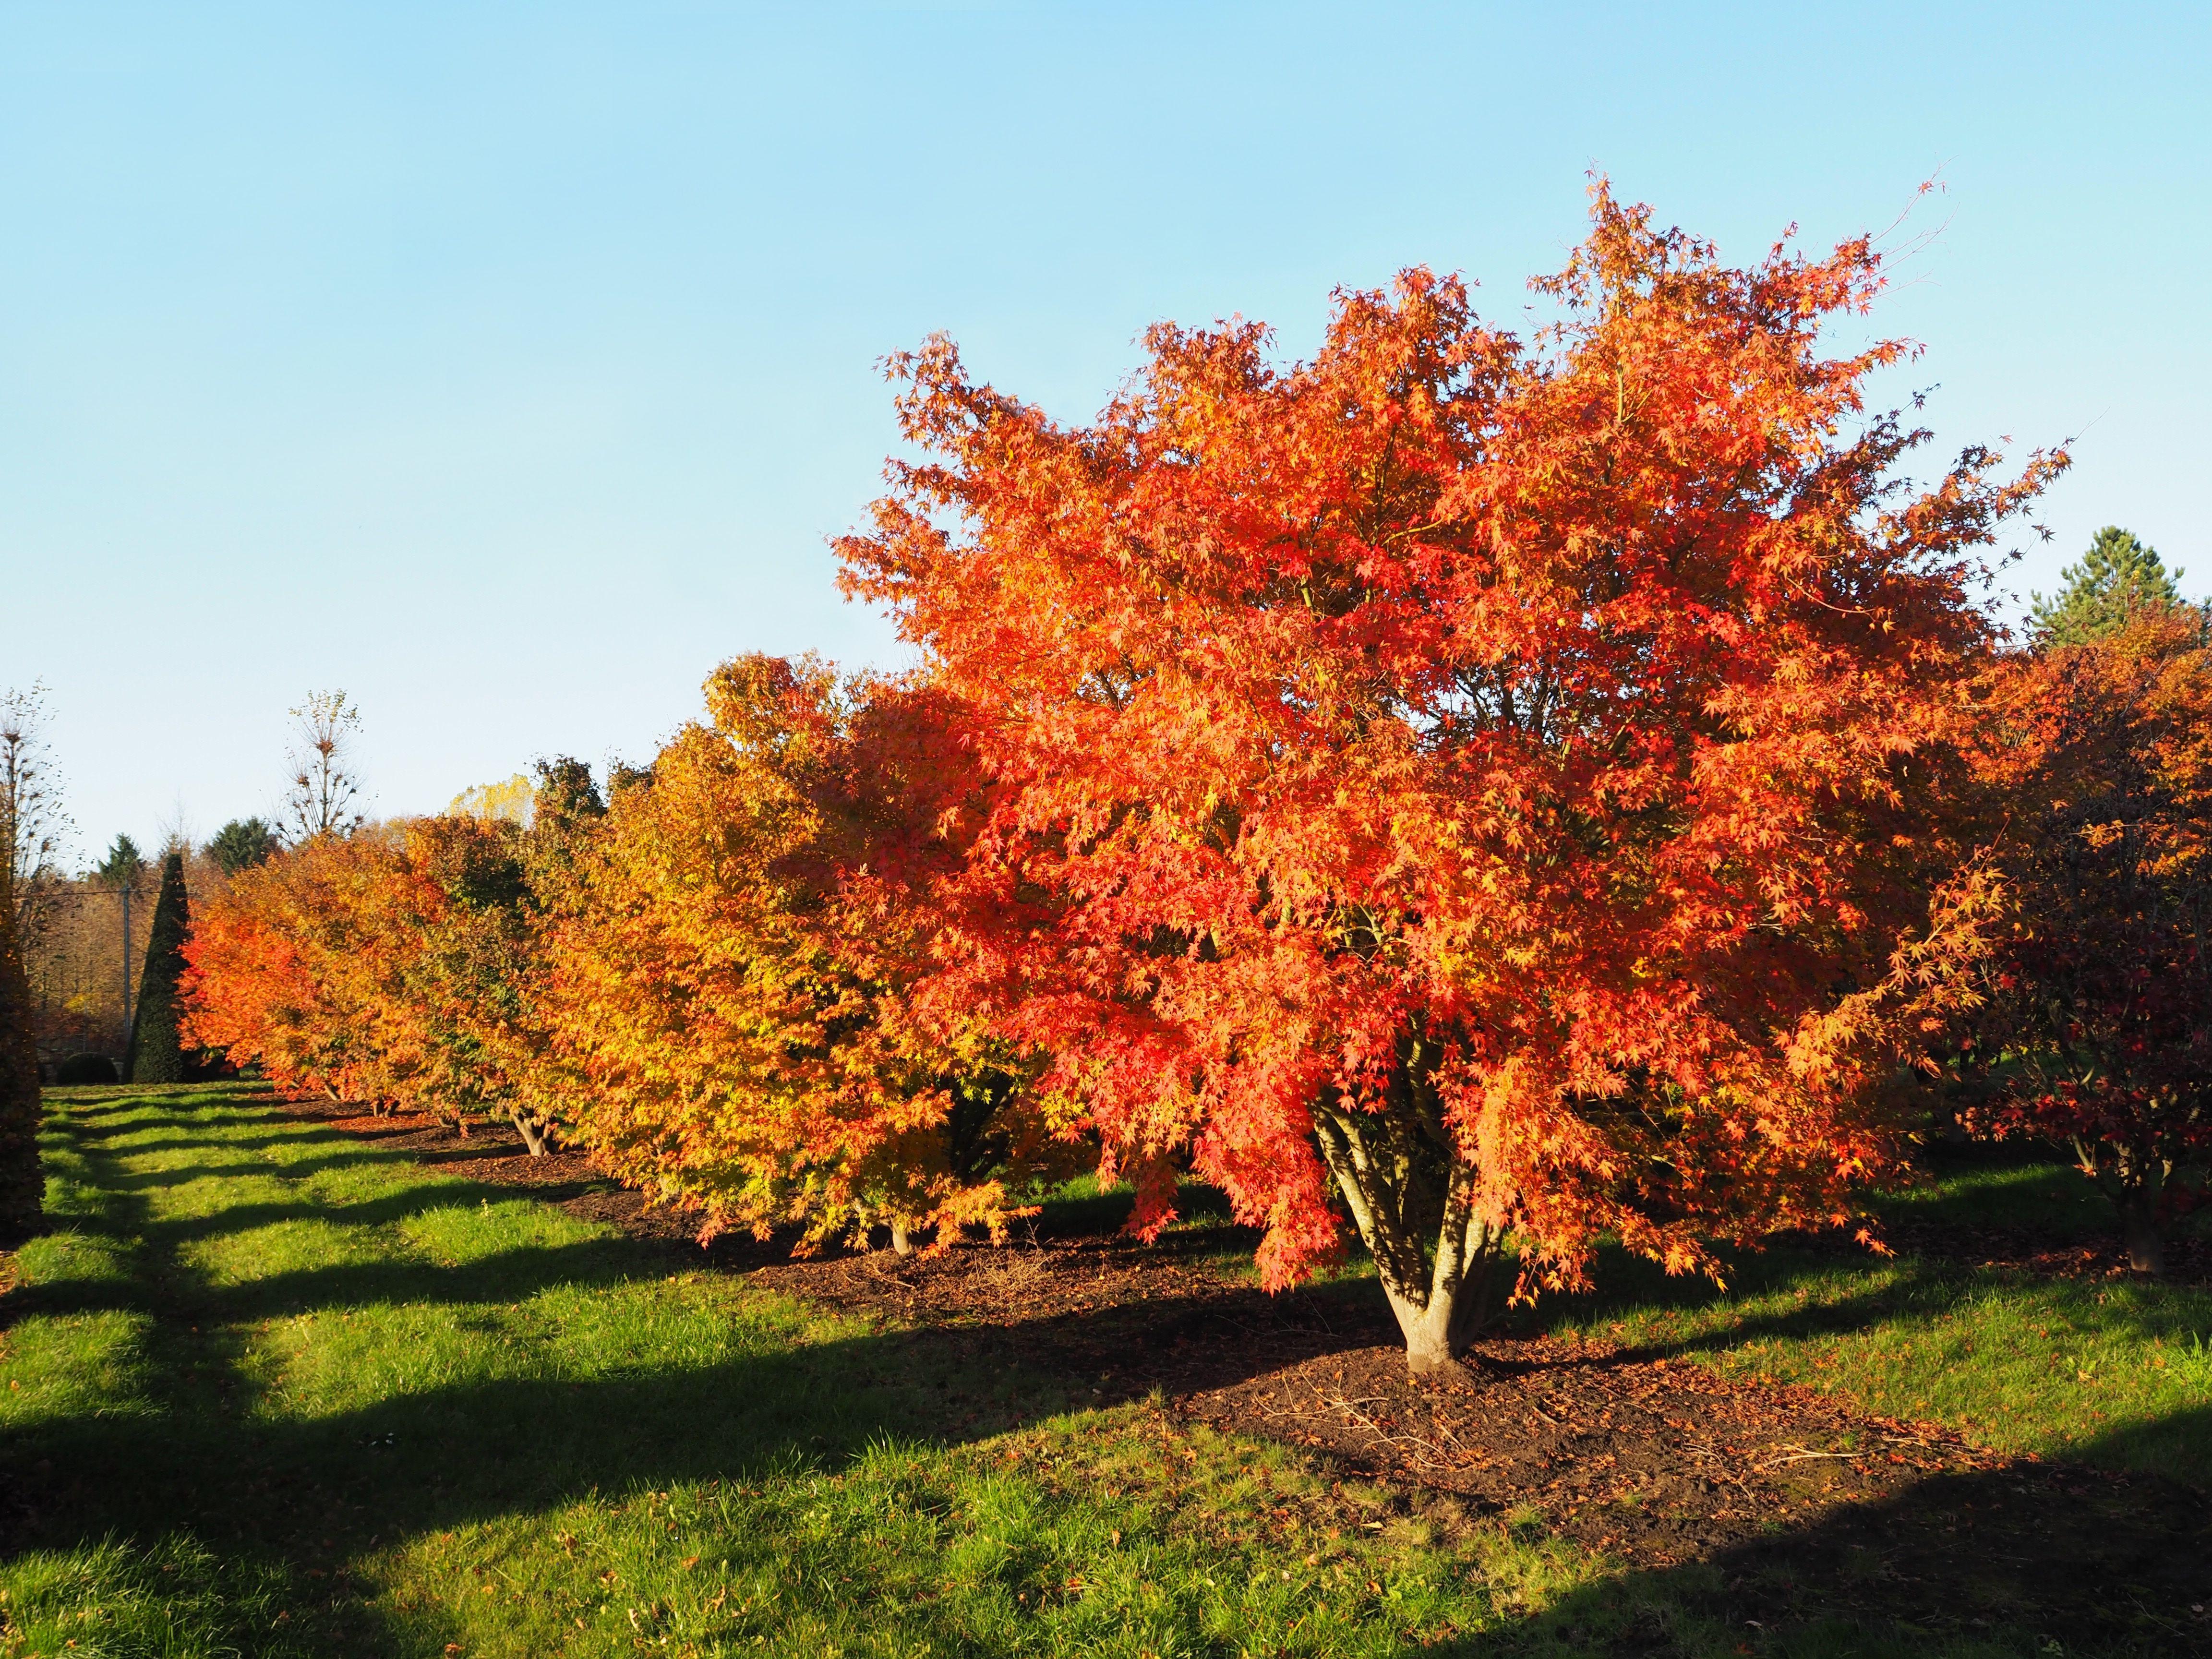 Die Besten Herbstbaume Bei Vf Pflanzen Pflanzen Garten Design Baumschule